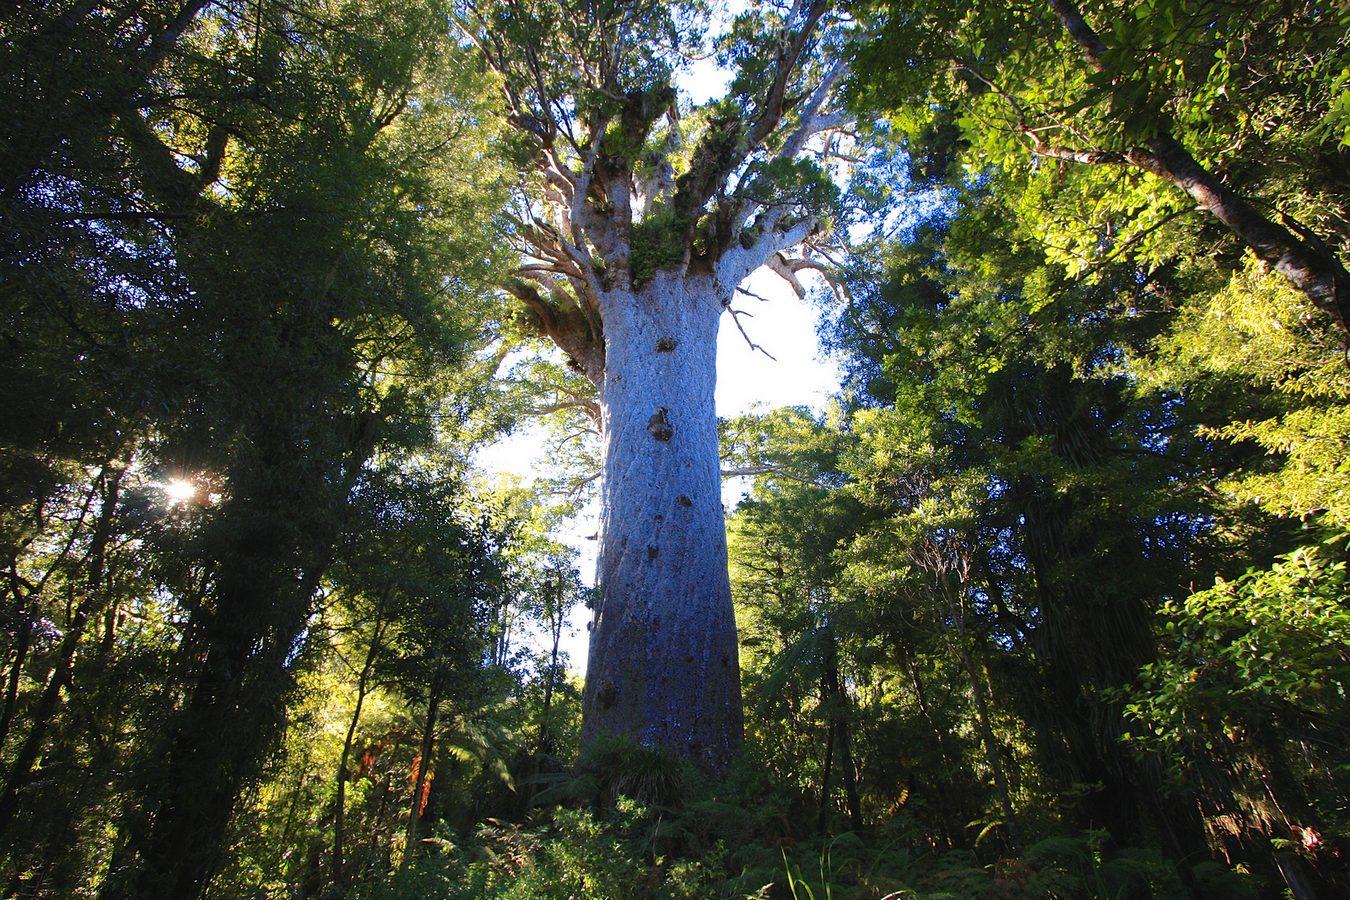 Новозеландское дерево-каури Тане Махута выглядит идеальным сказочным тысячелетним исполином. Но оно совершенно реально иему всамом деле 2000 лет